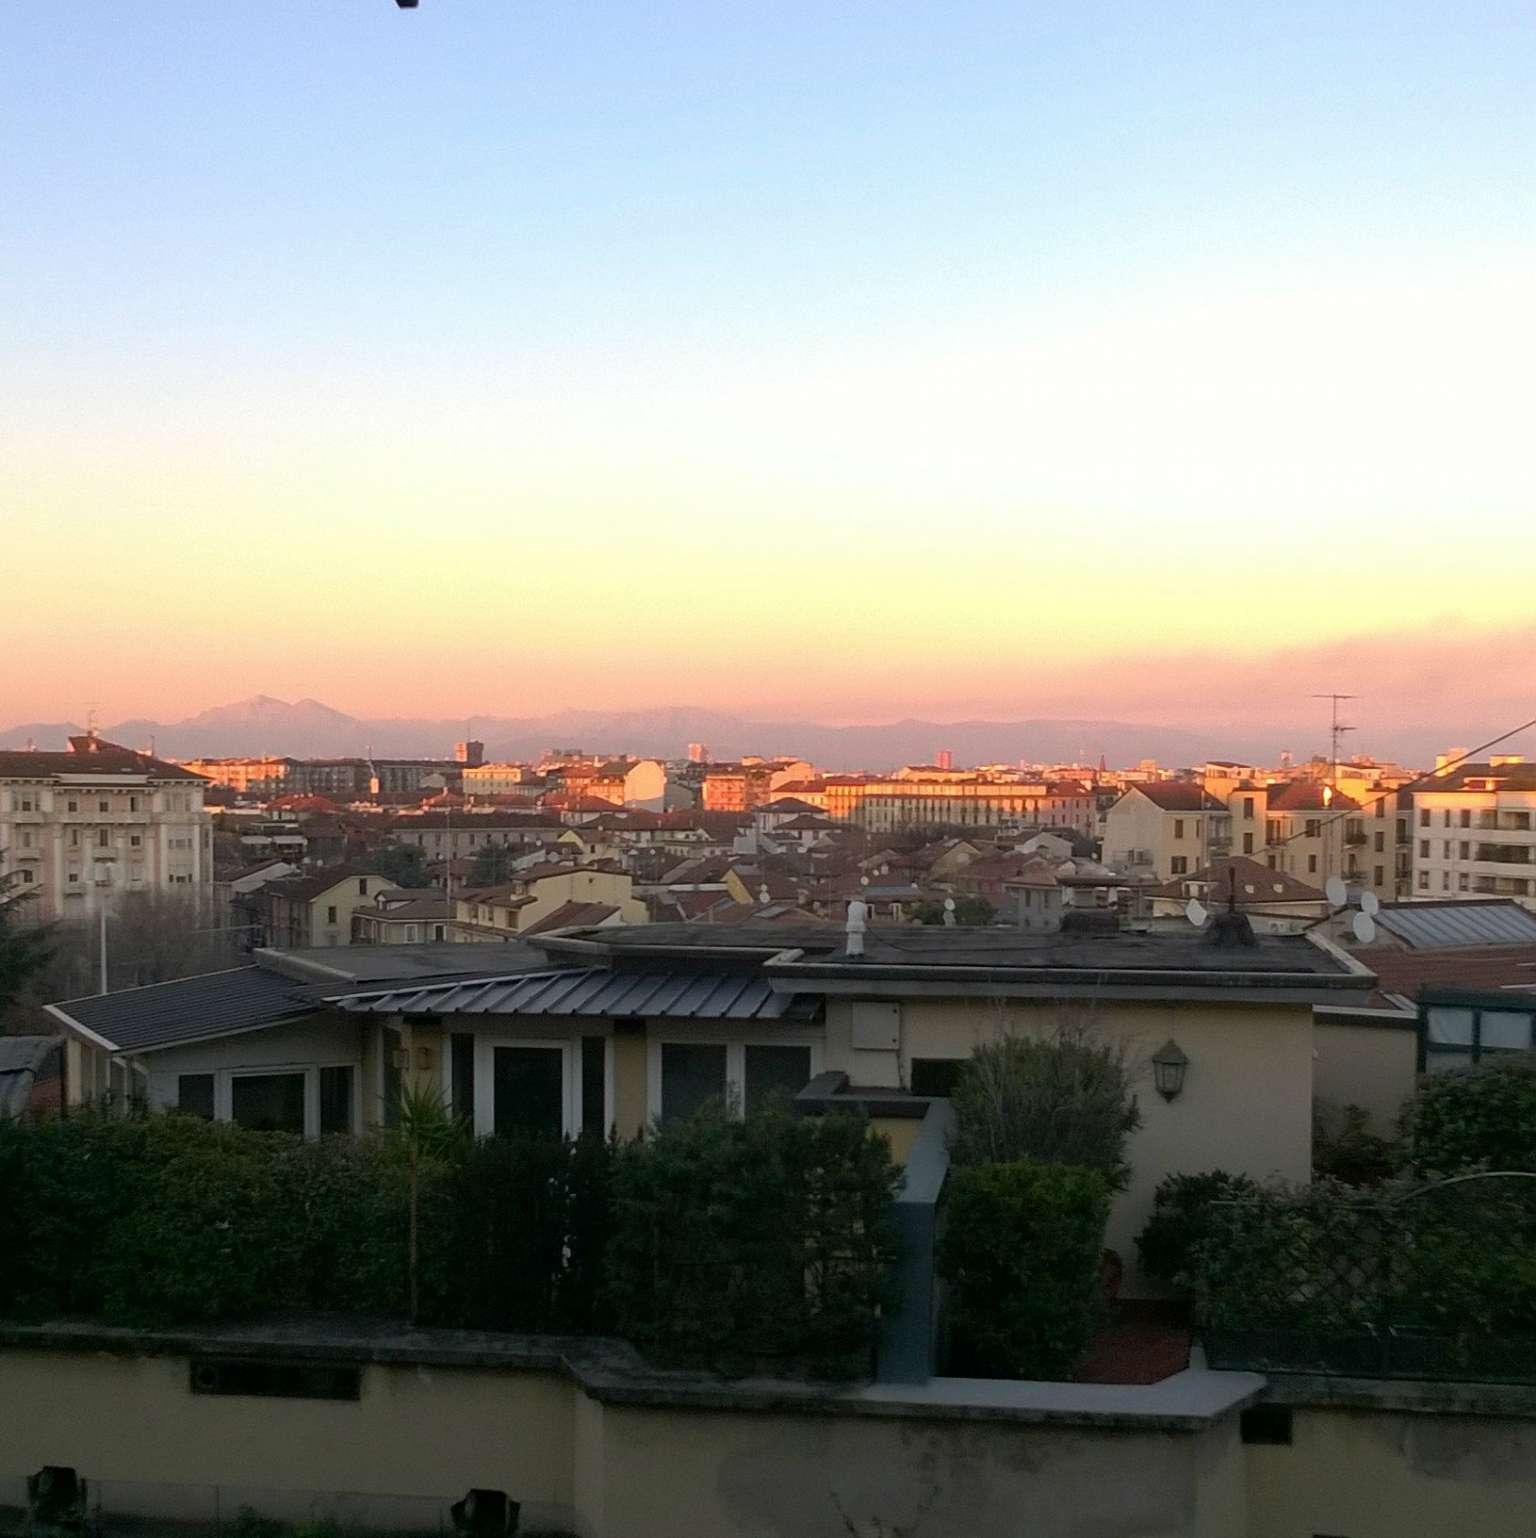 Appartamento in vendita a Milano, 4 locali, zona Zona: 5 . Citta' Studi, Lambrate, Udine, Loreto, Piola, Ortica, prezzo € 650.000   Cambio Casa.it